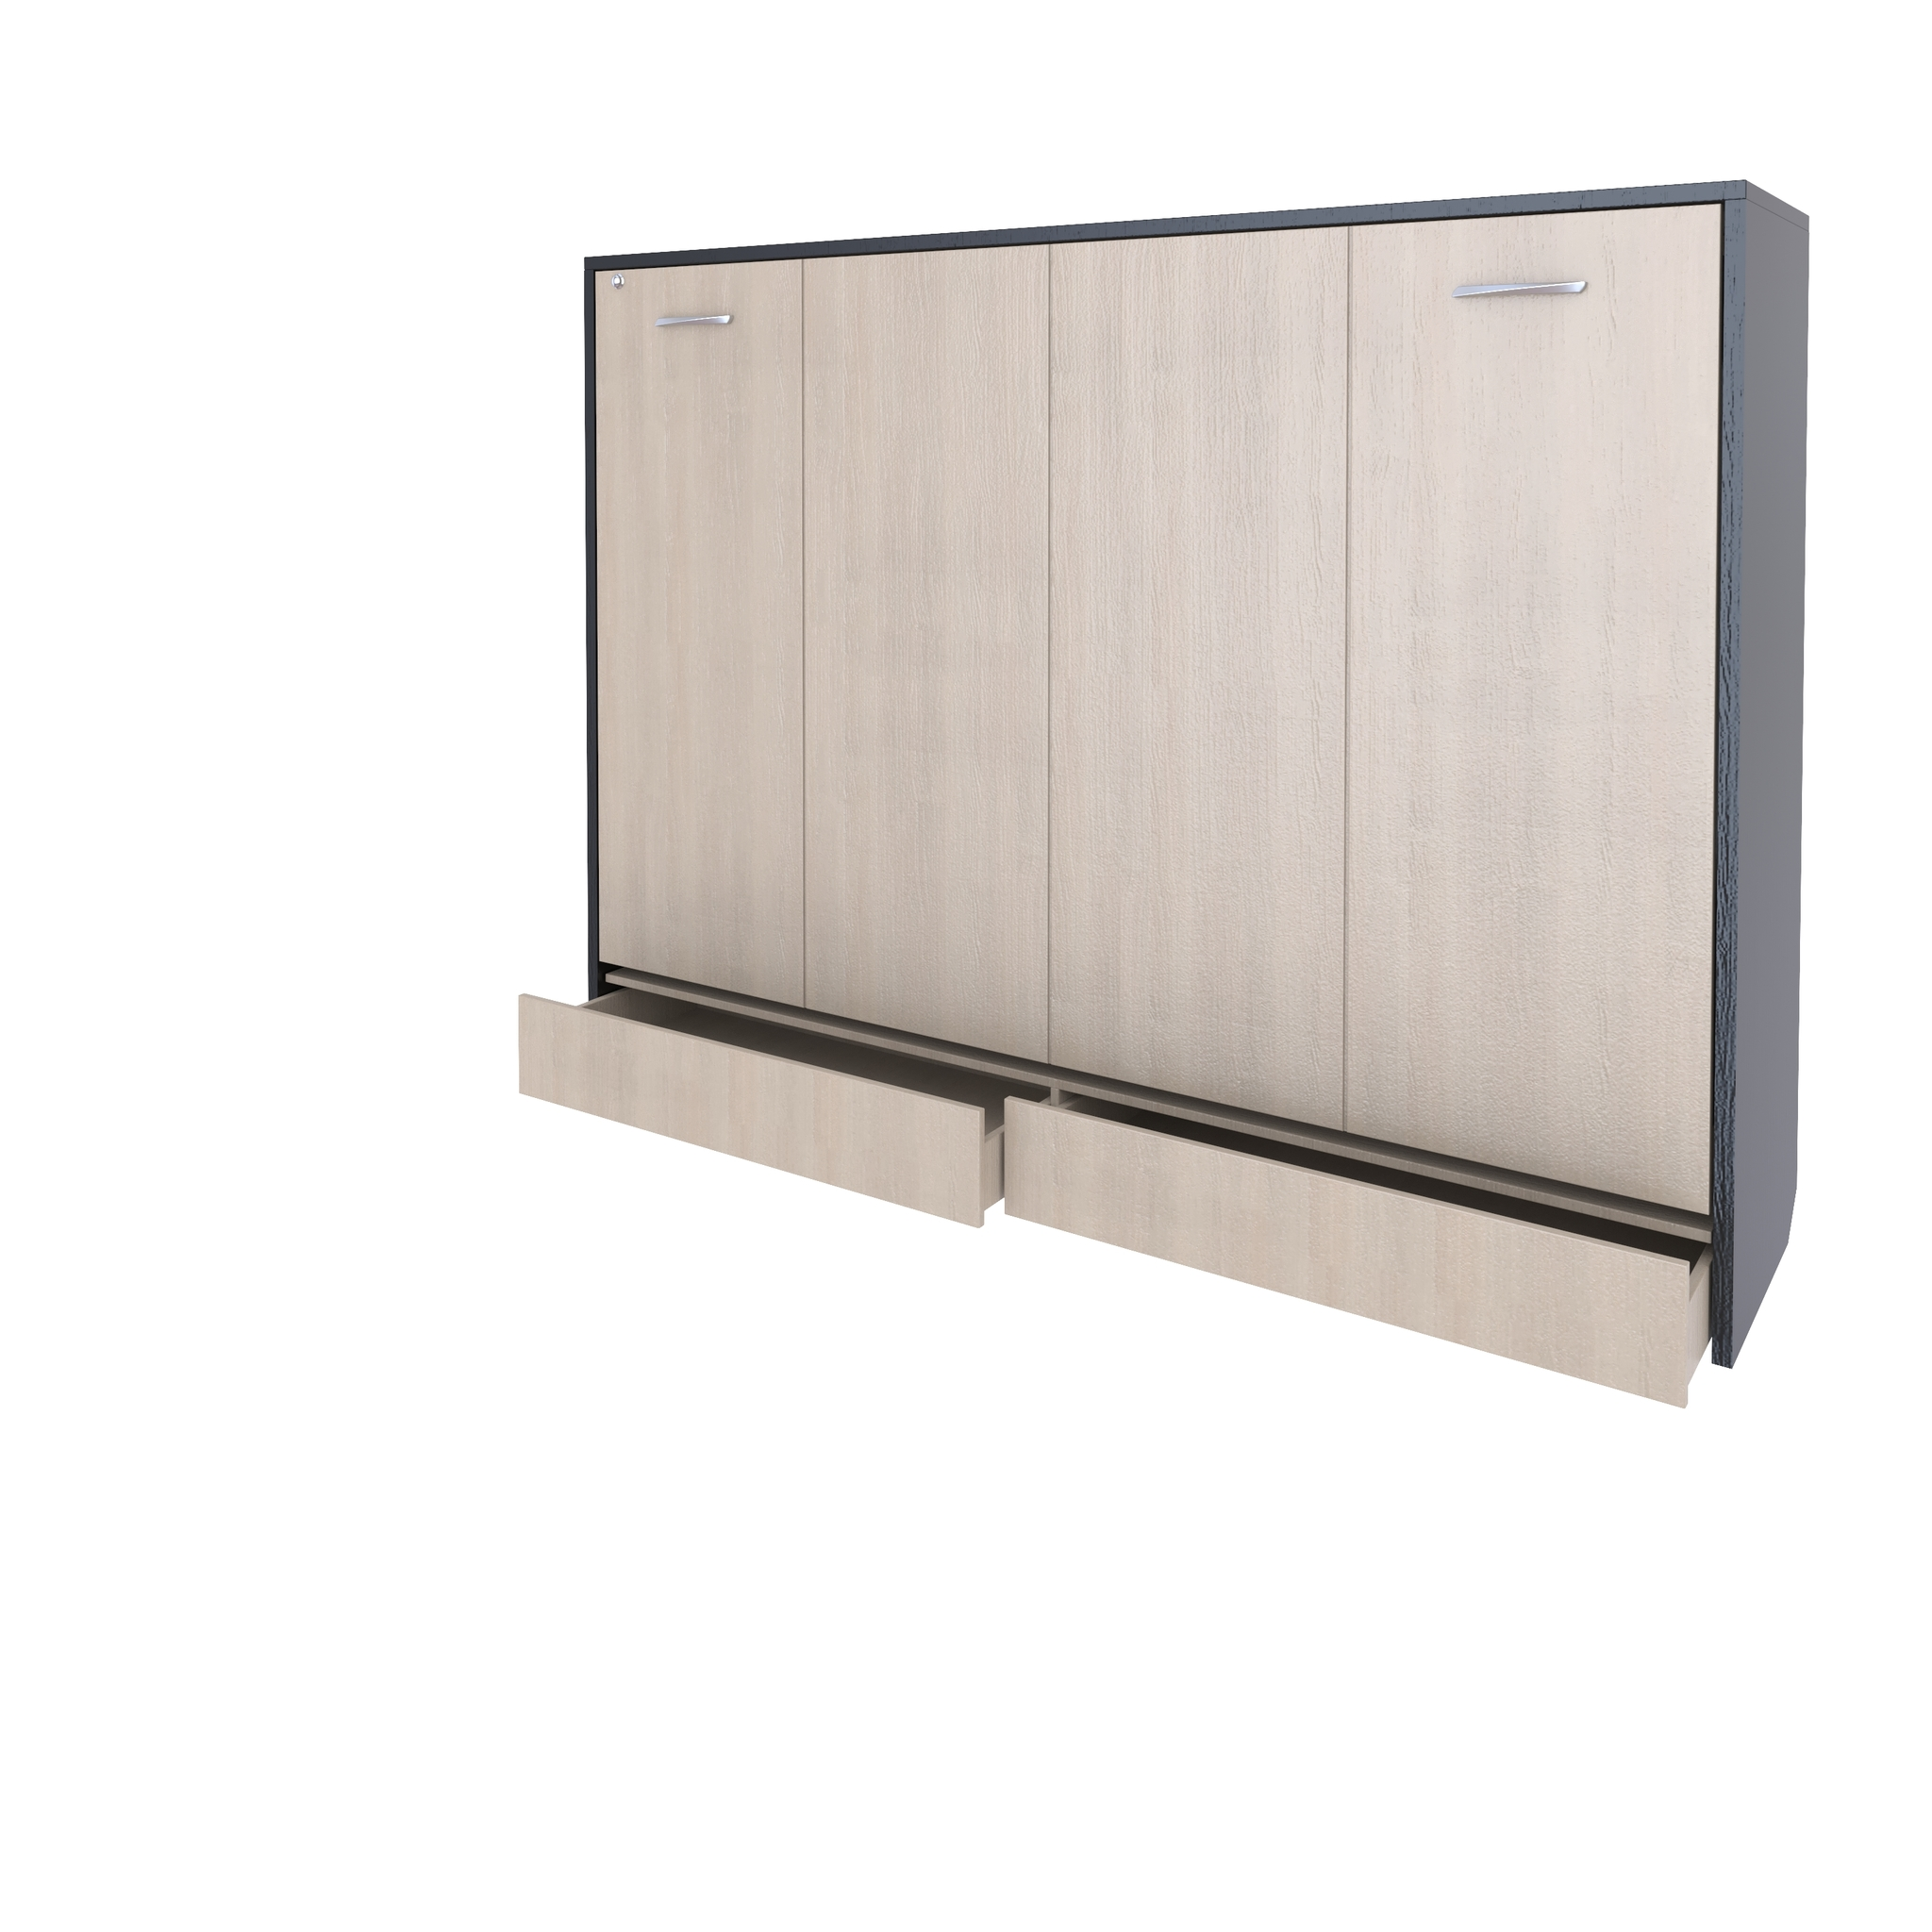 Шкаф-кровать горизонтальная полутороспальная 120 см